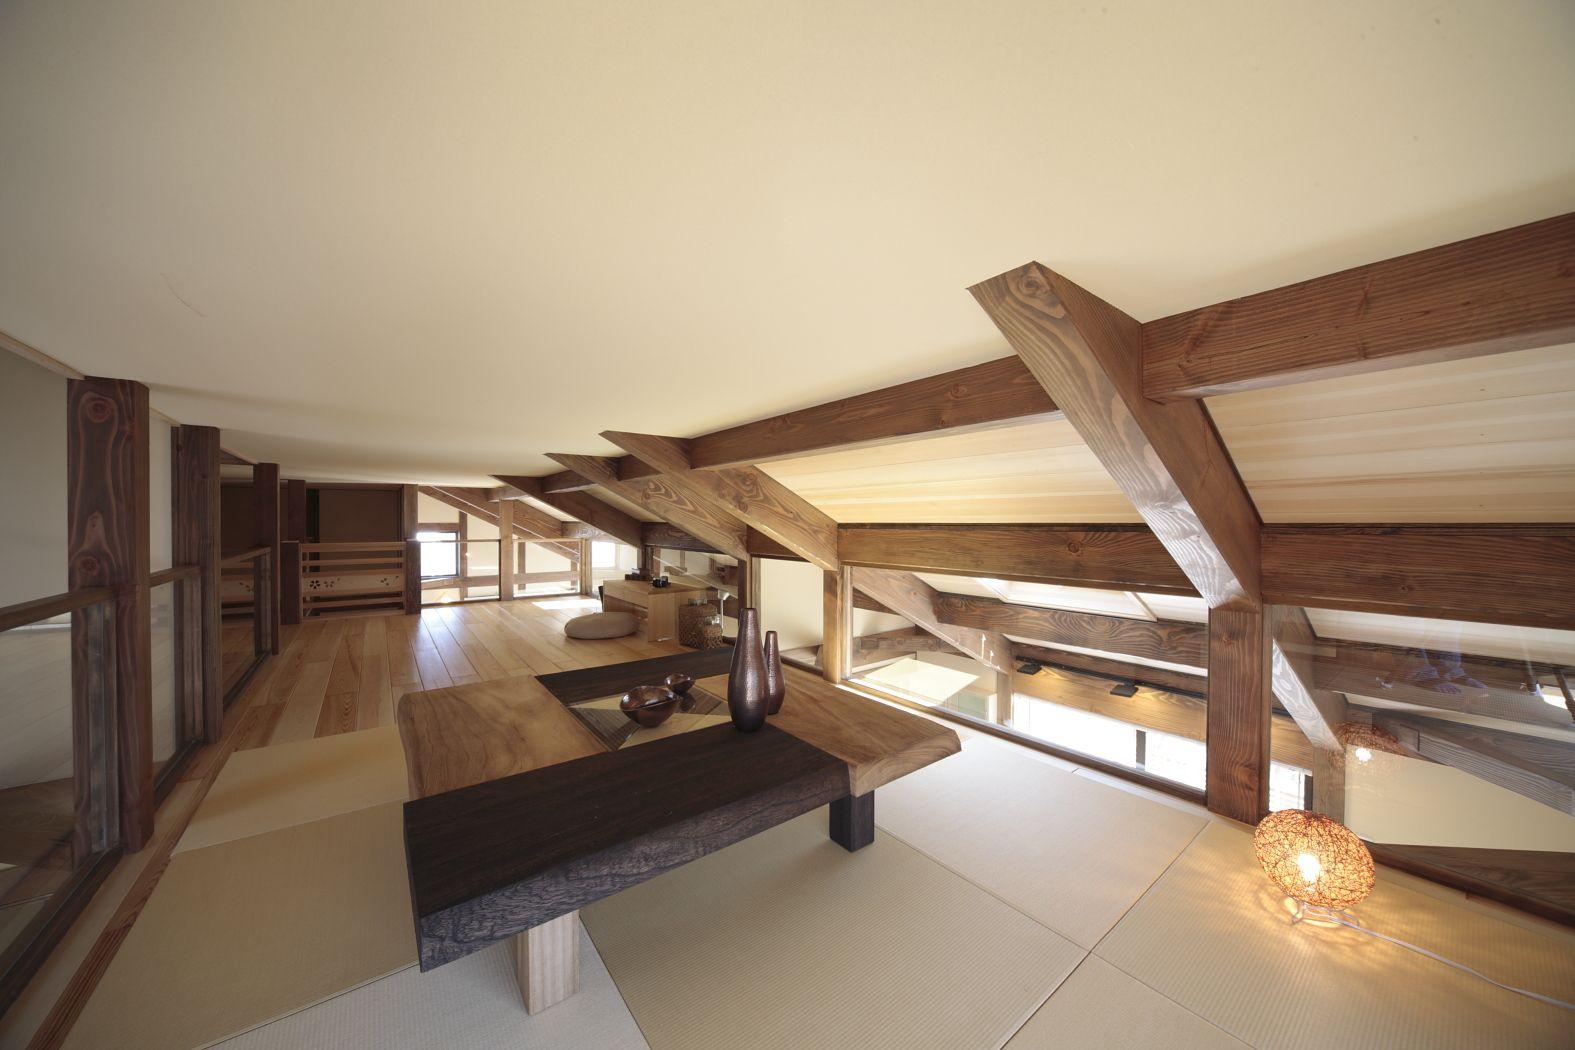 ロフトスペース ロフト 屋根裏 屋根裏部屋 隠れ家 自然素材 無垢